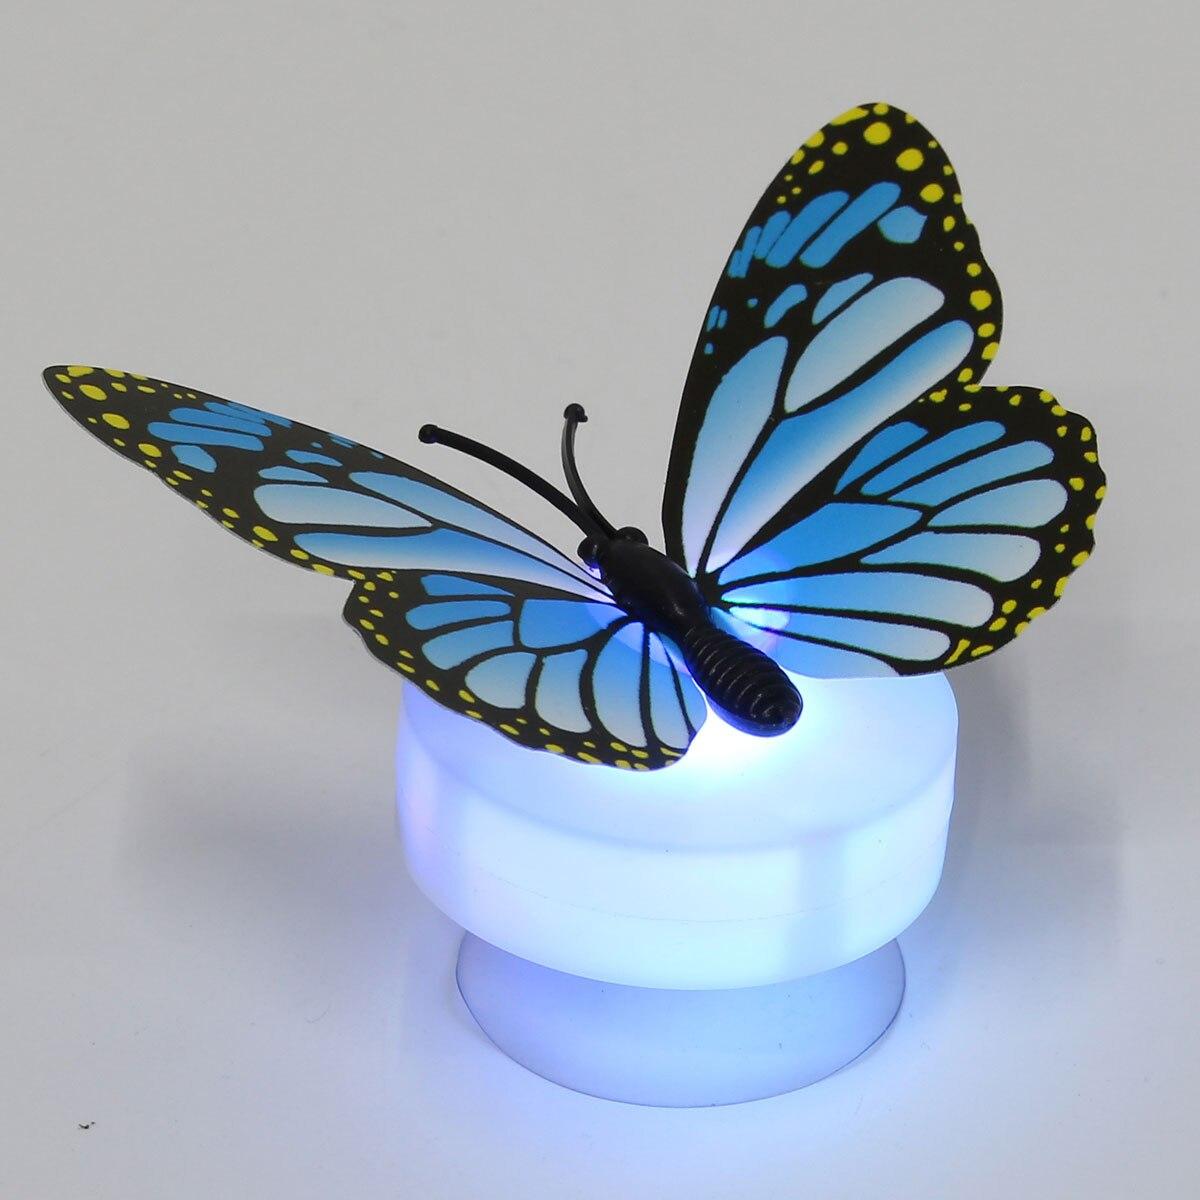 Jiguoor 7 цветов Изменение Красивая Милая бабочка свет в ночь детские детская комната Настенный светильник лампа Lamparas Luminarias лампе